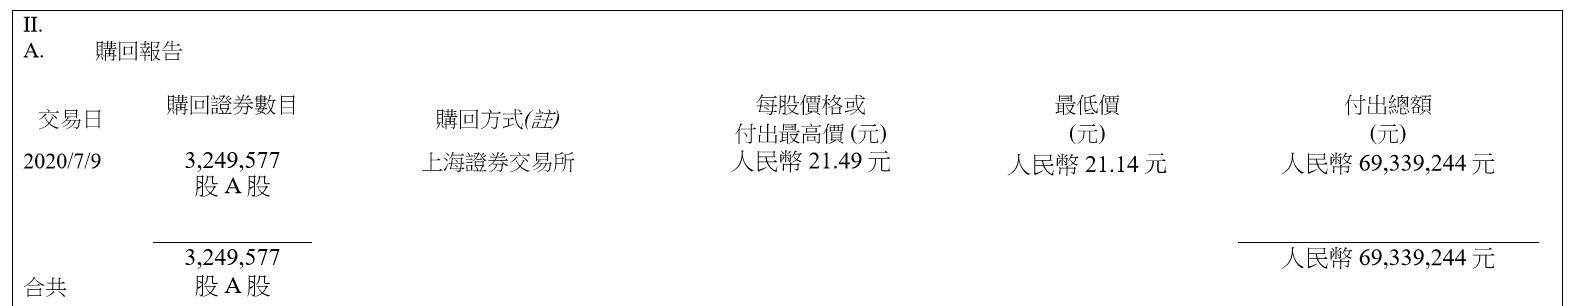 国泰君安斥资逾14亿回购股份,华泰、东方证券回购在路上